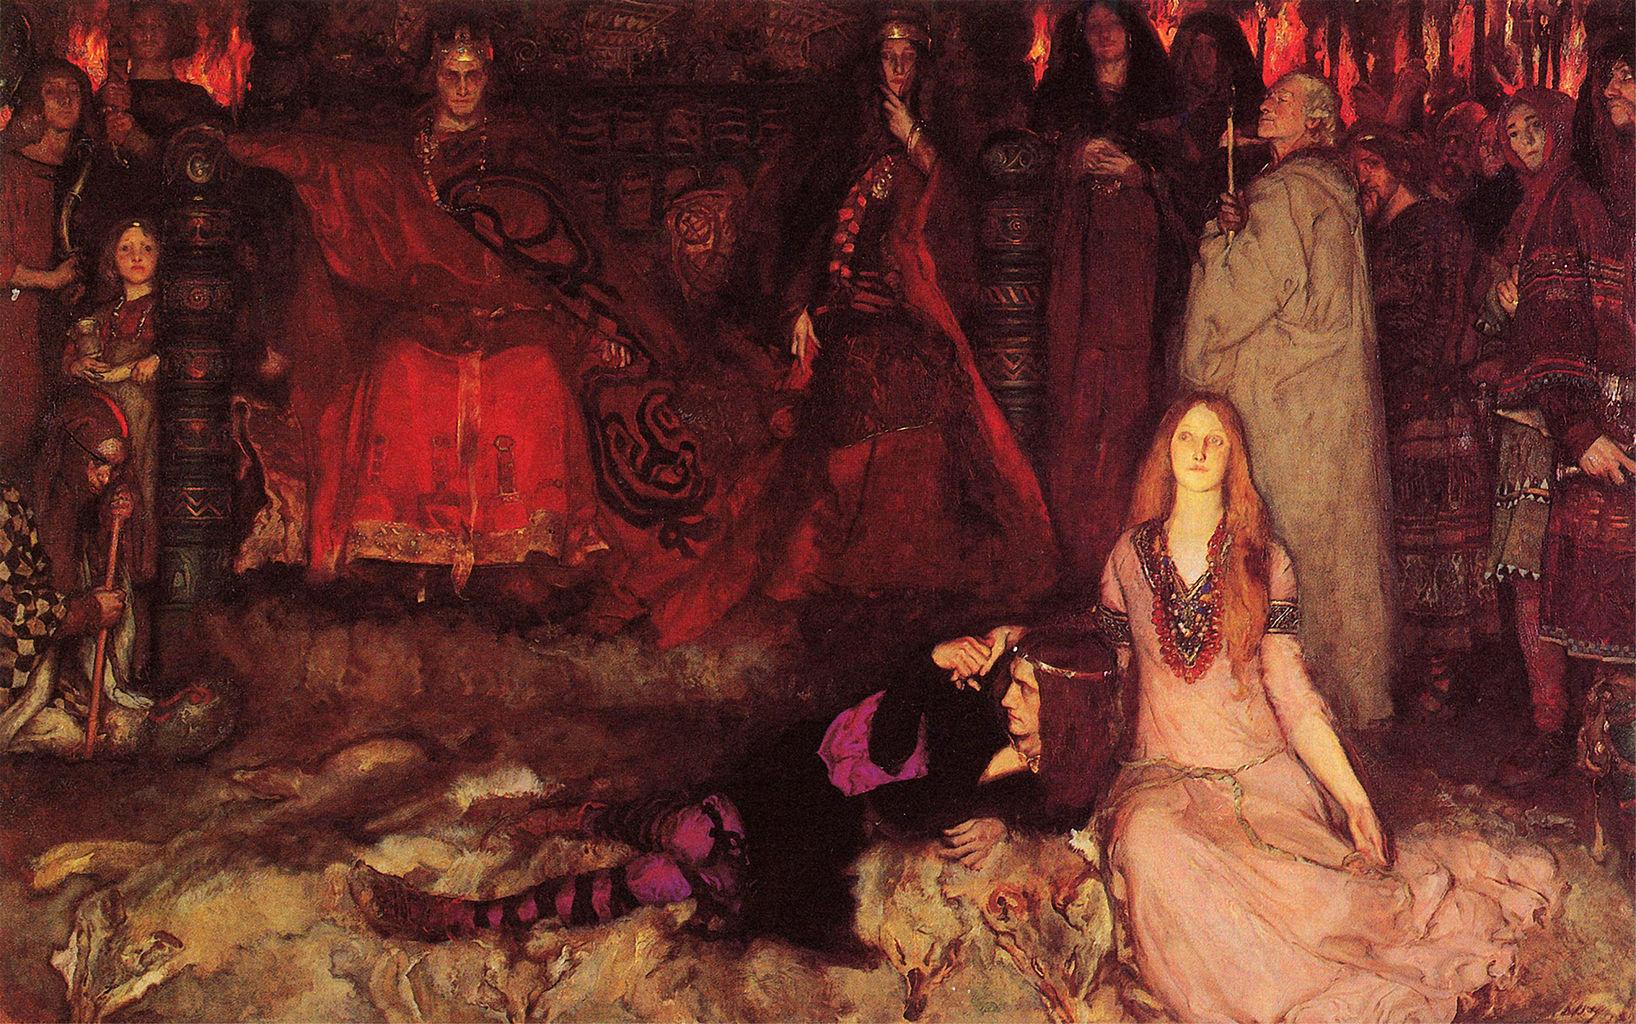 картина Гамлет играет сцену :: Эдвин Остин Эбби - Литературные персонажи фото